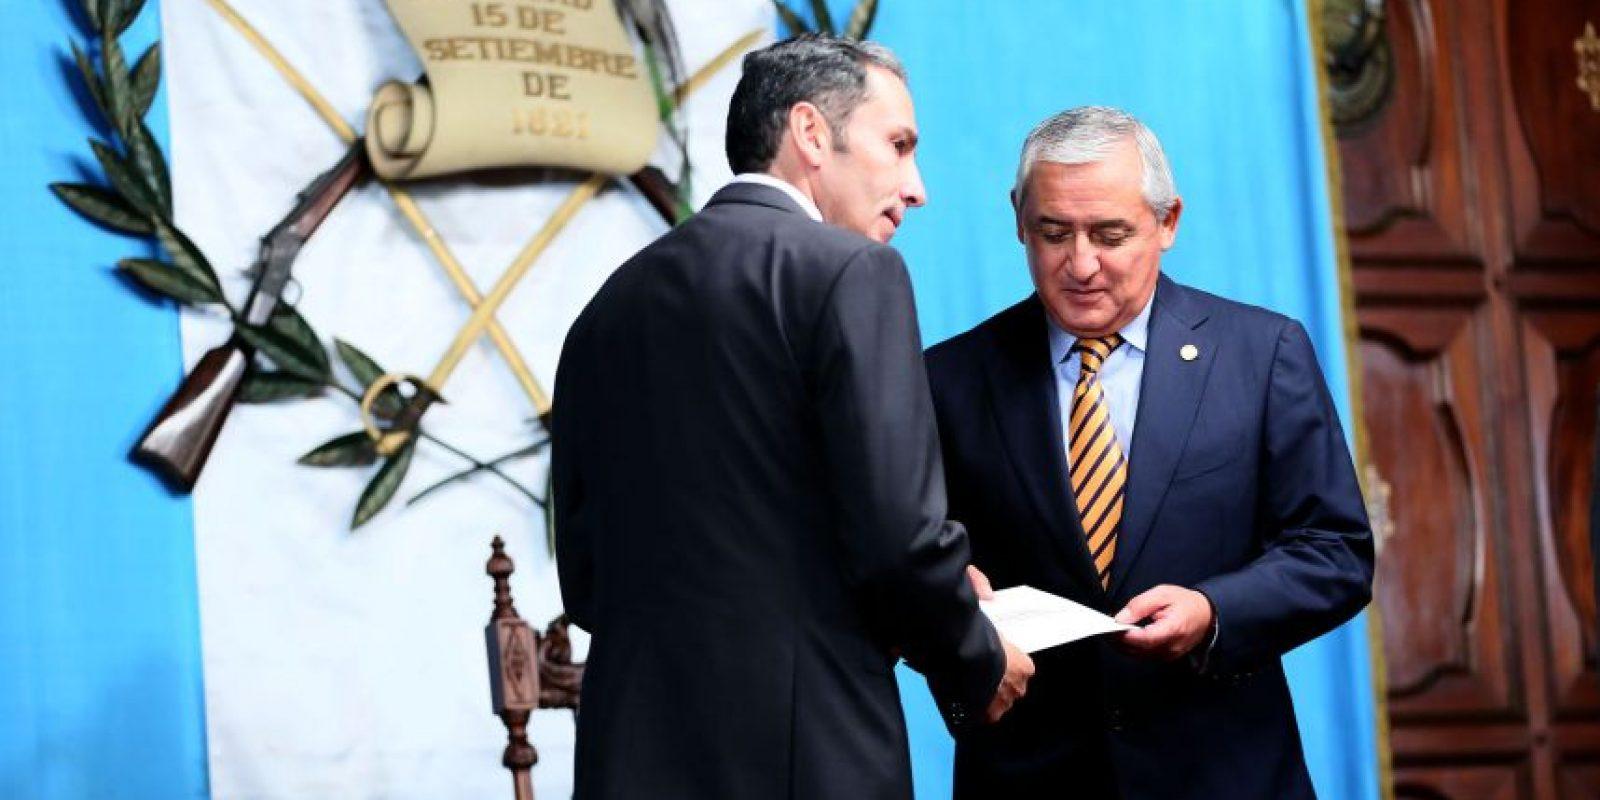 El nuevo embajador de Colombia, Carlos Manuel Pulido Collazos